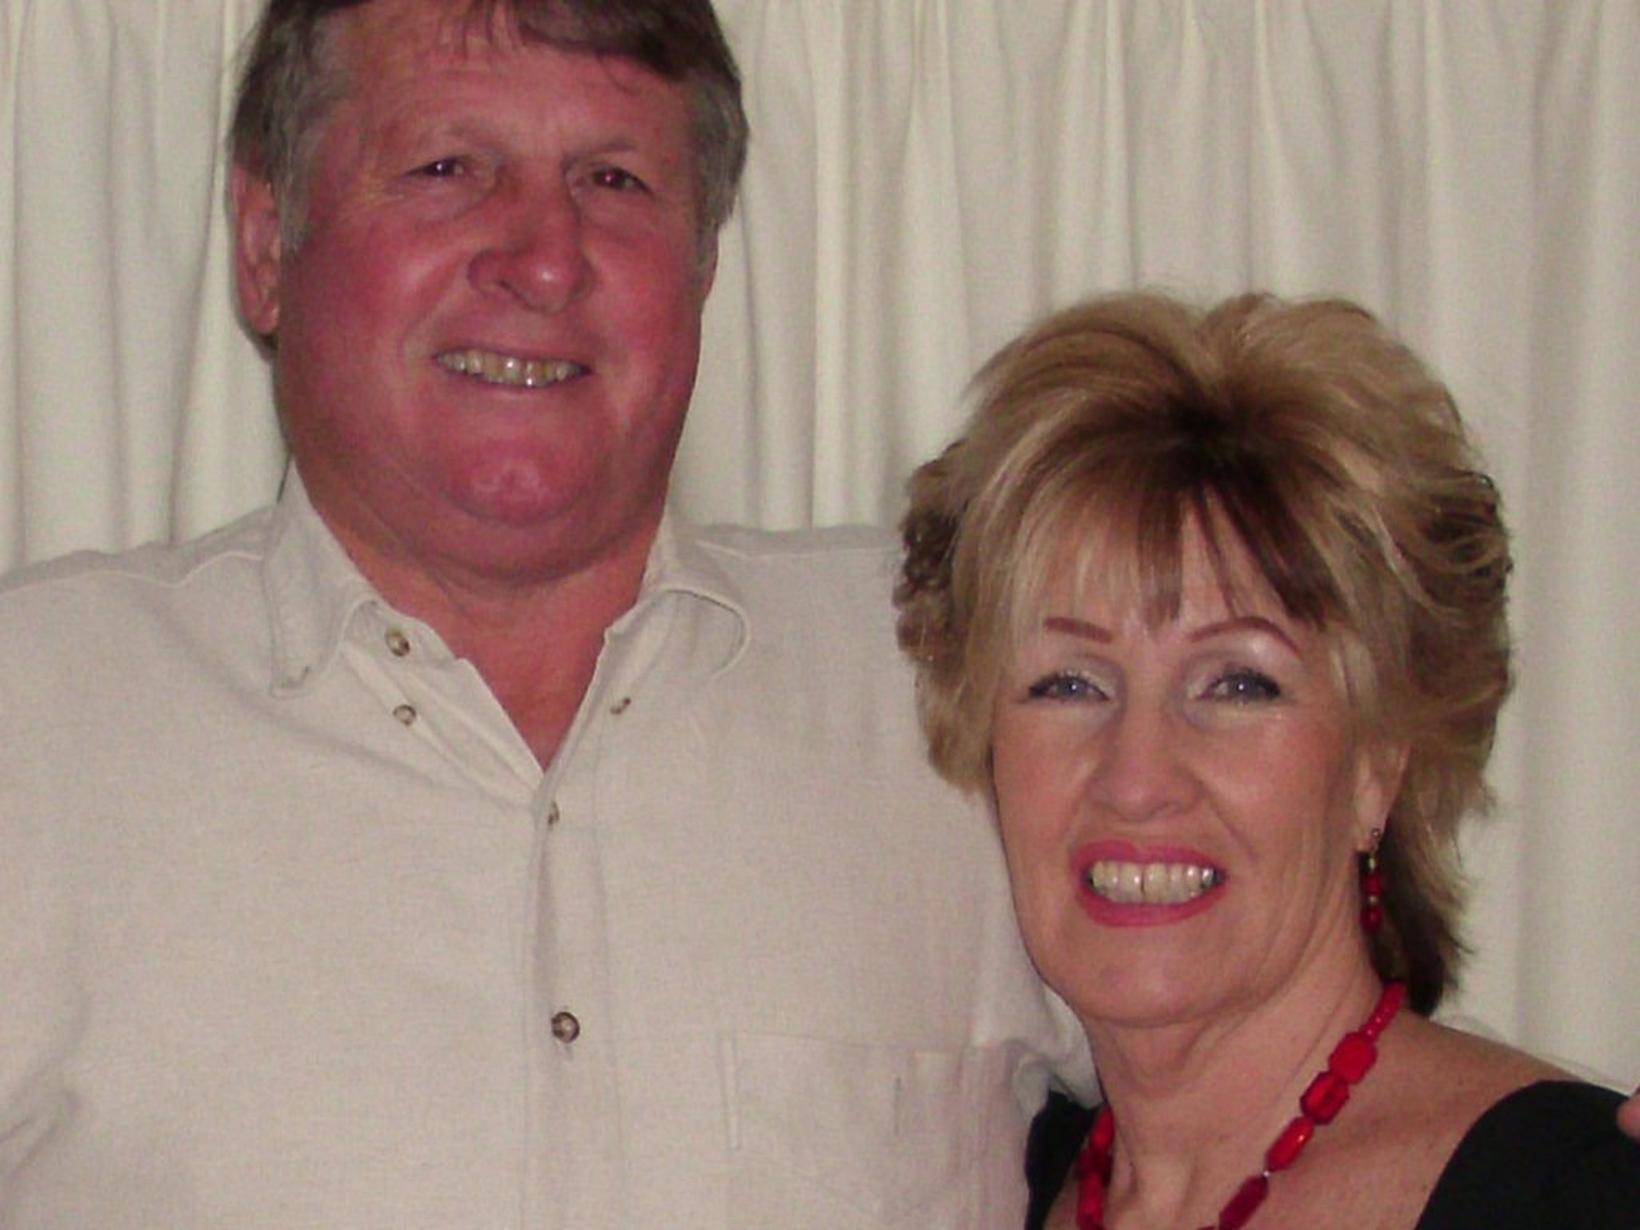 Tina & Grant from Kaikoura, New Zealand